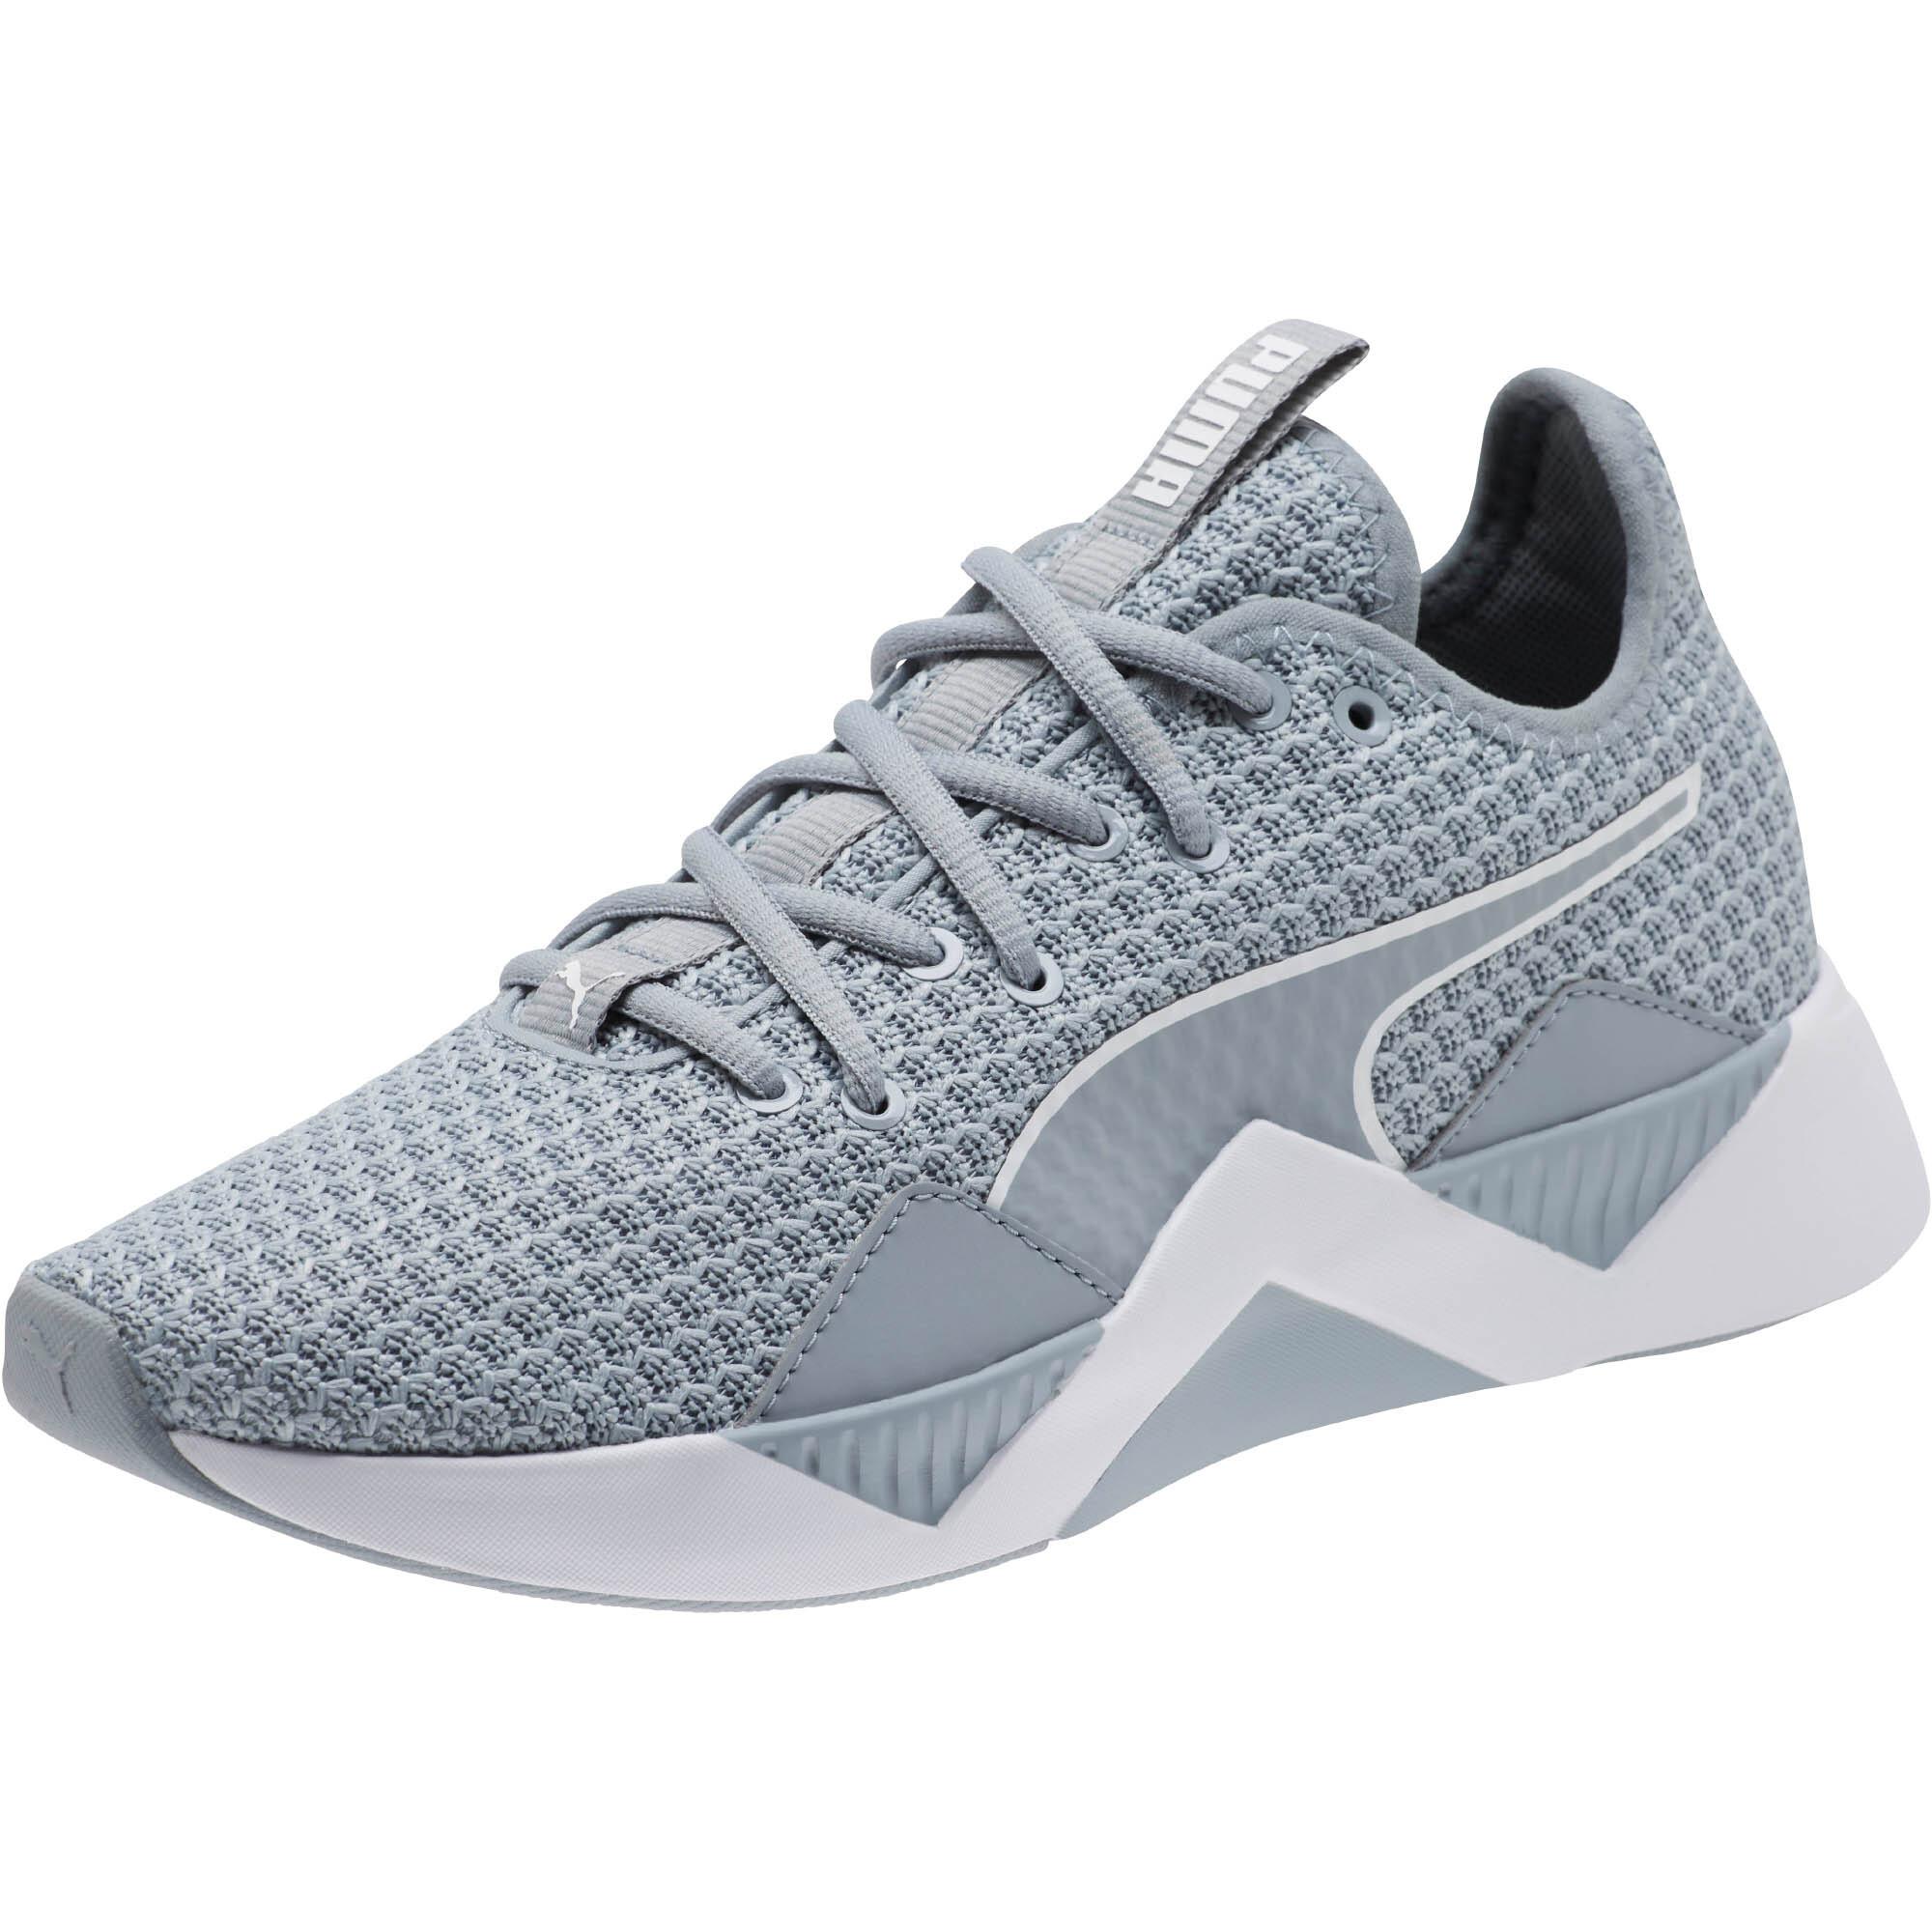 PUMA-Incite-FS-Women-039-s-Training-Shoes-Women-Shoe-Training thumbnail 4